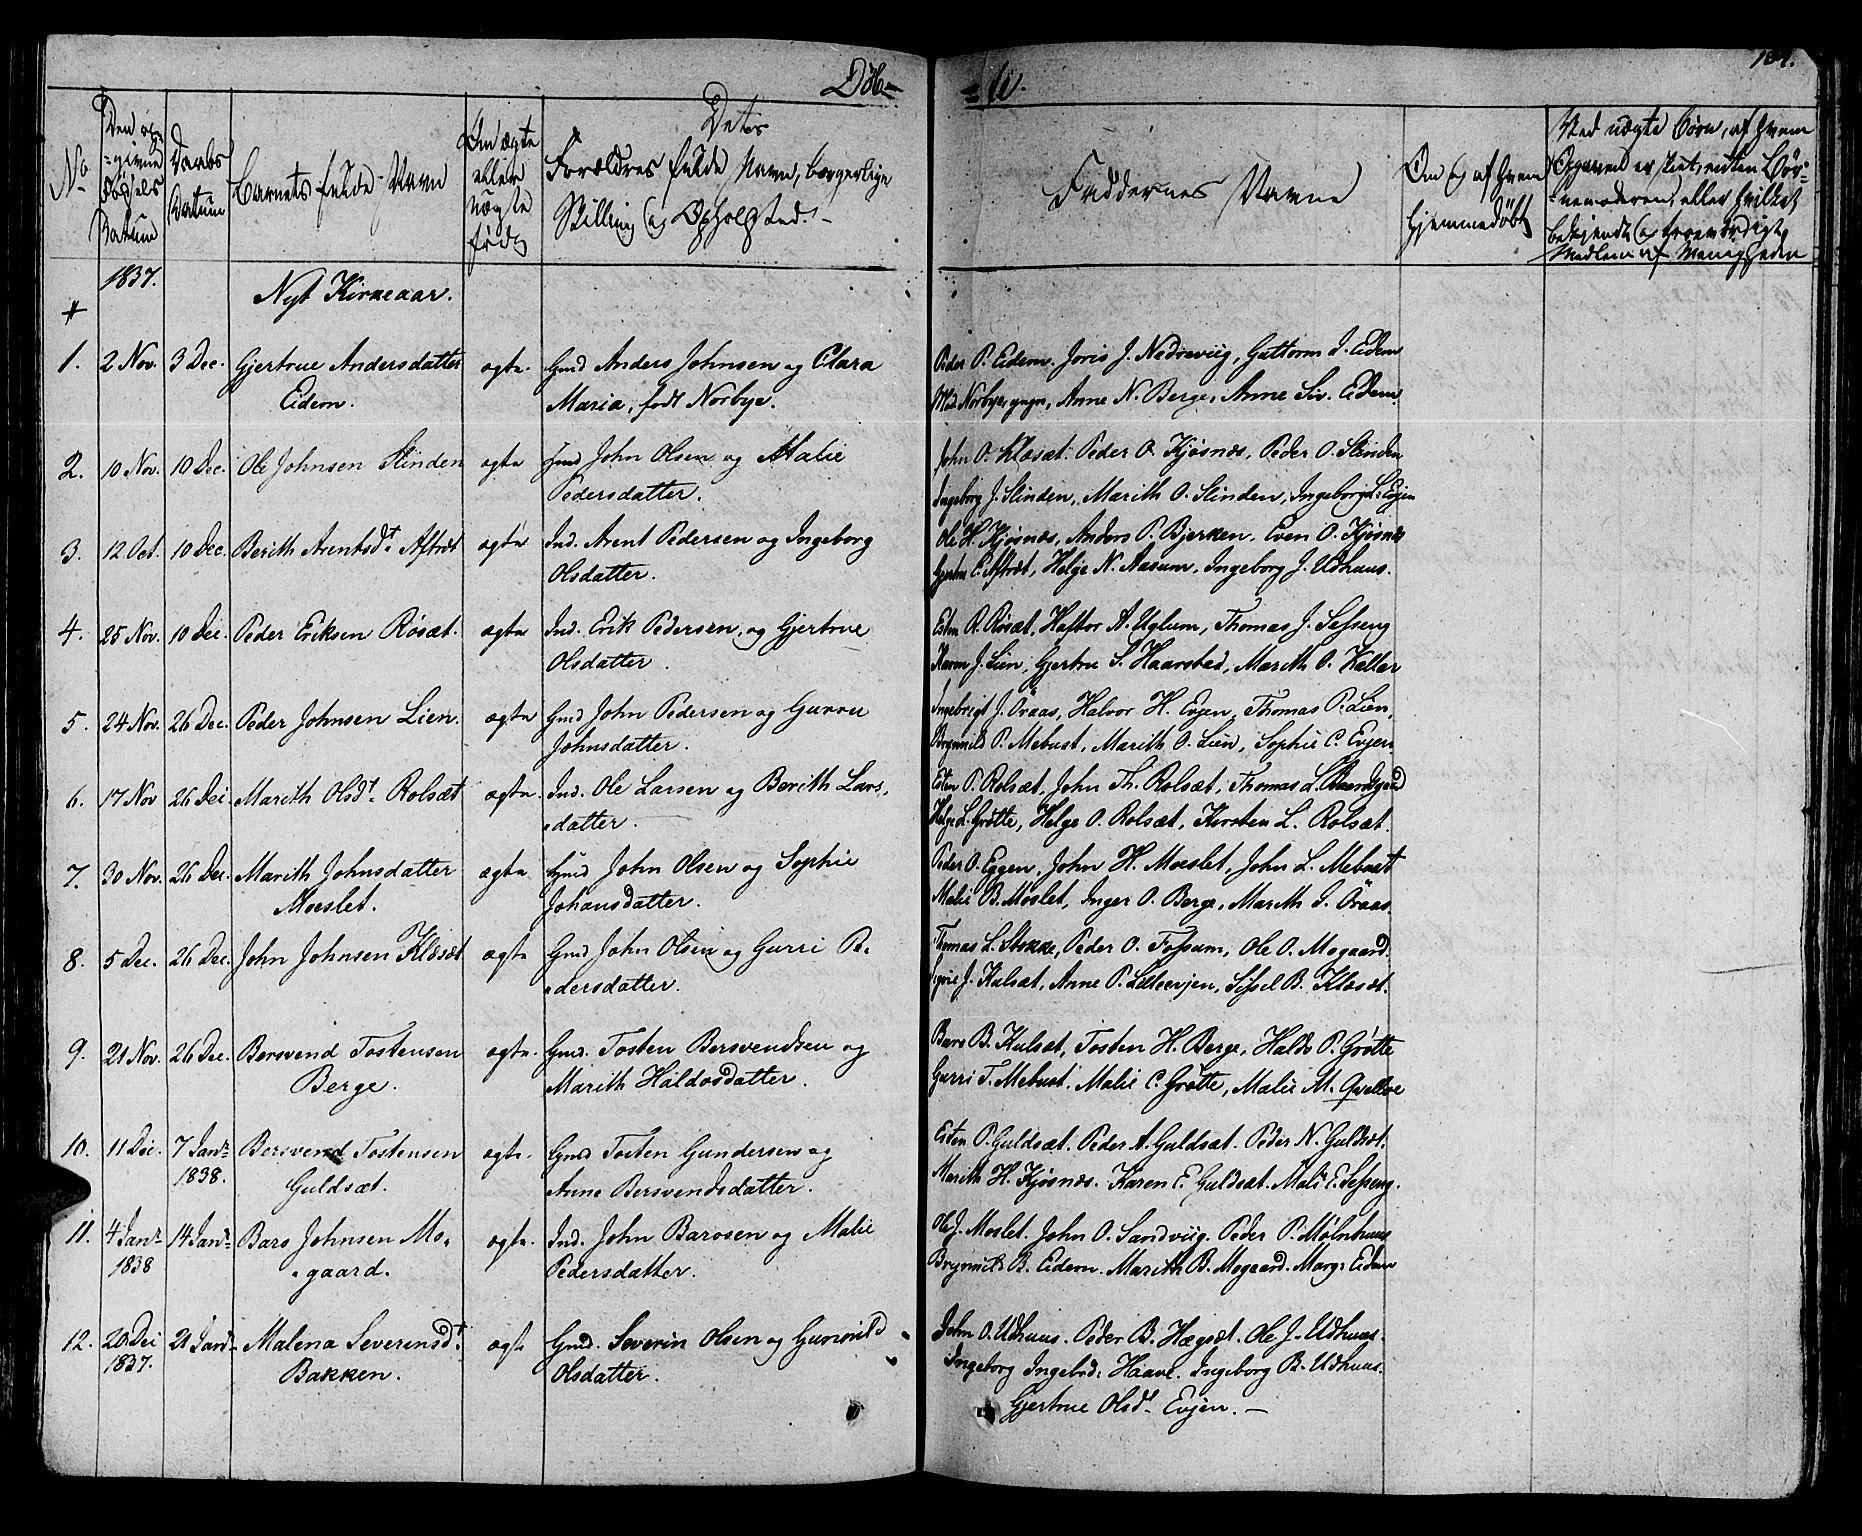 SAT, Ministerialprotokoller, klokkerbøker og fødselsregistre - Sør-Trøndelag, 695/L1143: Ministerialbok nr. 695A05 /1, 1824-1842, s. 134